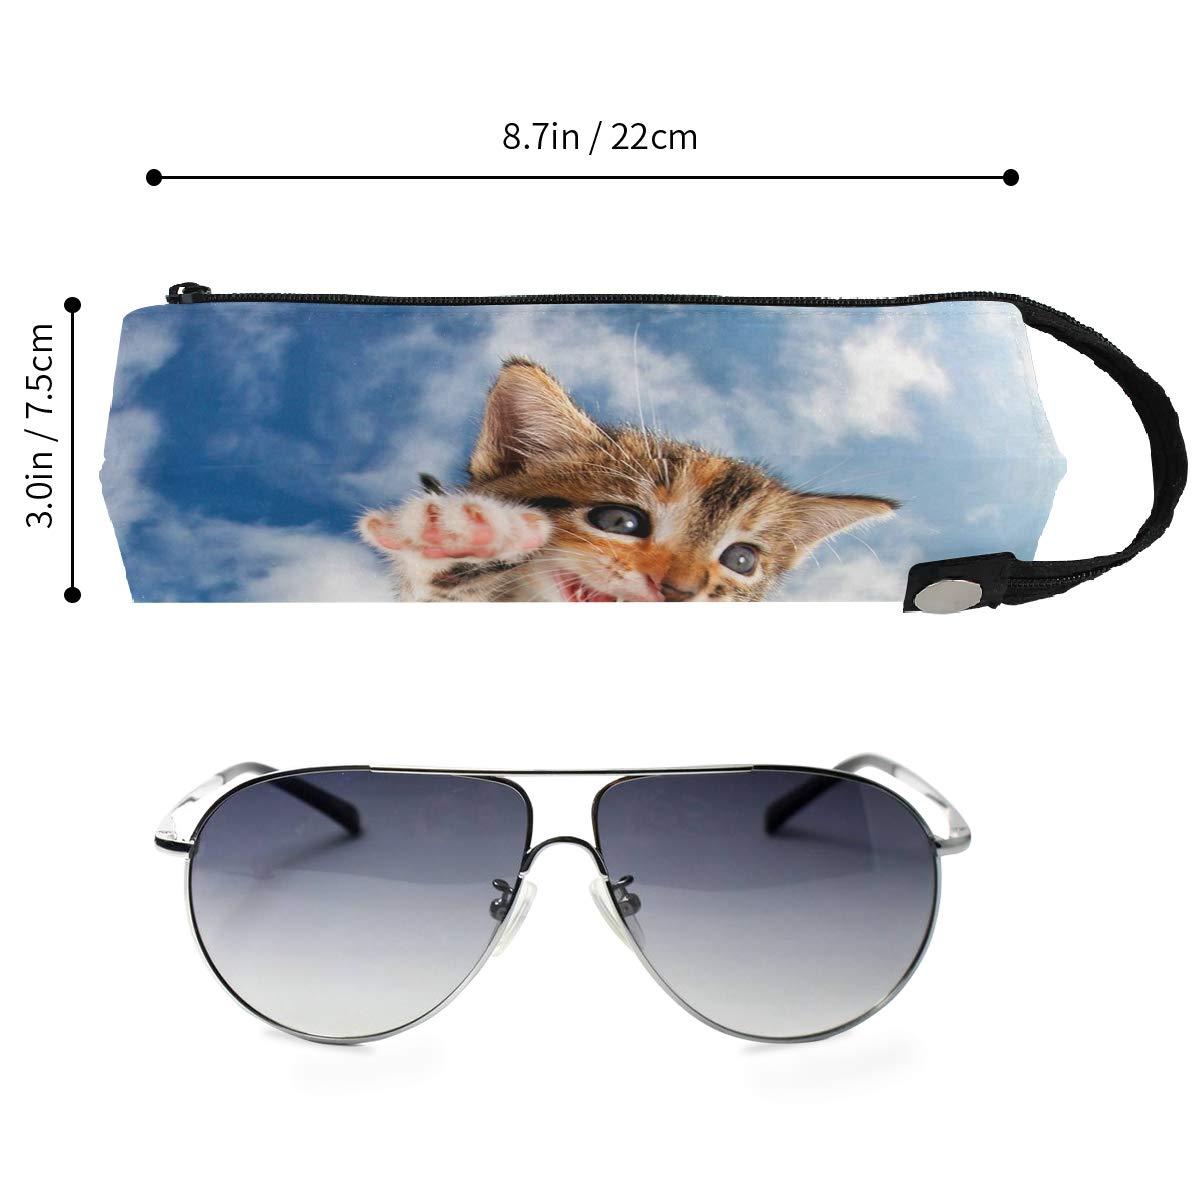 Underwater Dogs Glasses Case Zipper Soft Sunglasses Ball Pen Bag Protective Holder